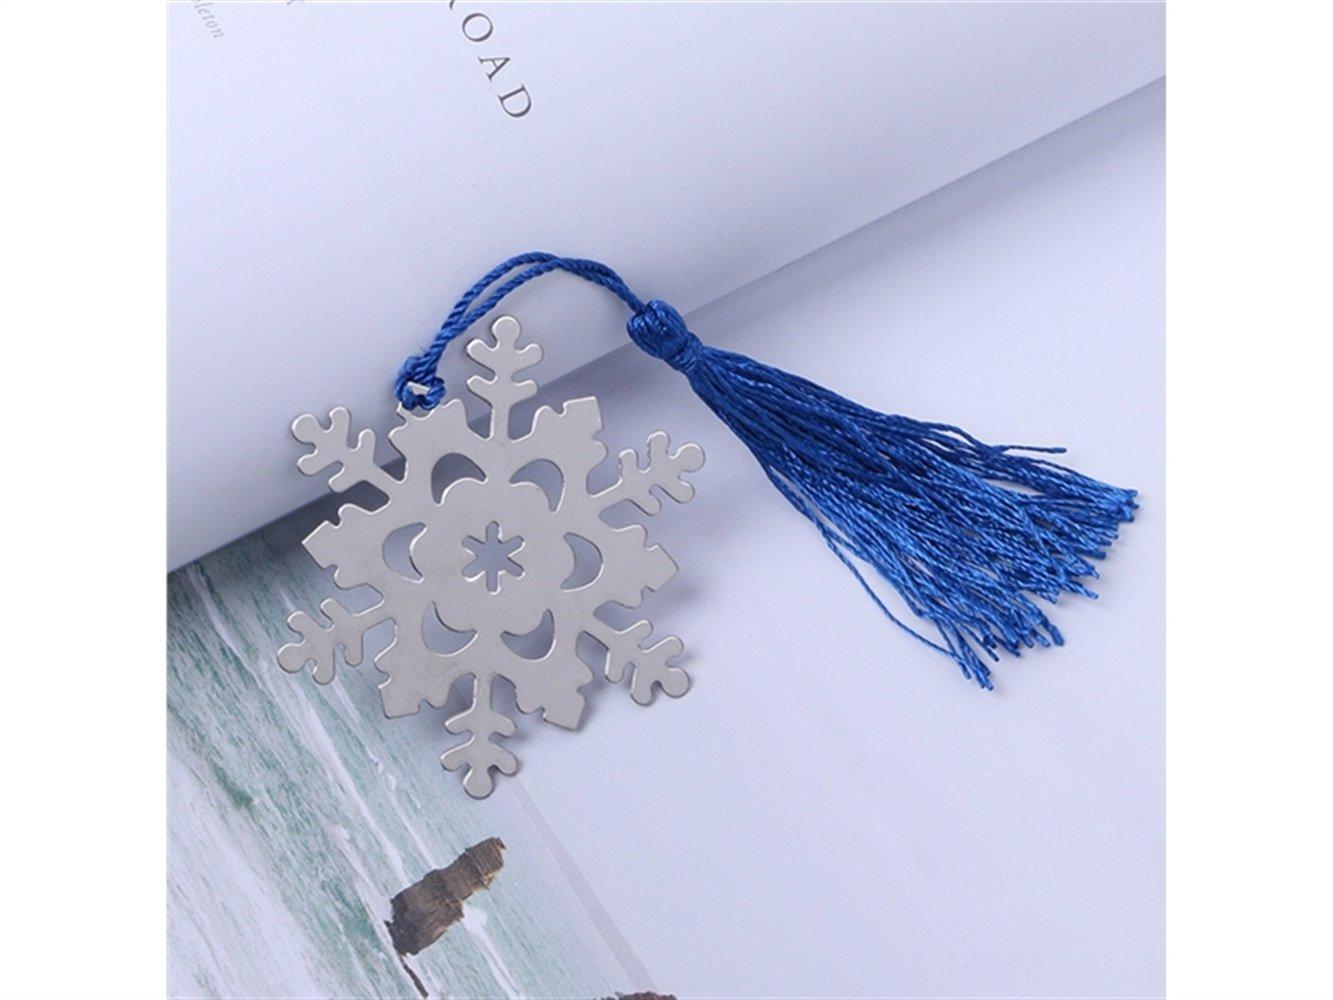 Yter Forniture per ufficio Segnalibro Fiocco di neve Libro Fans Collection Piccolo regalo